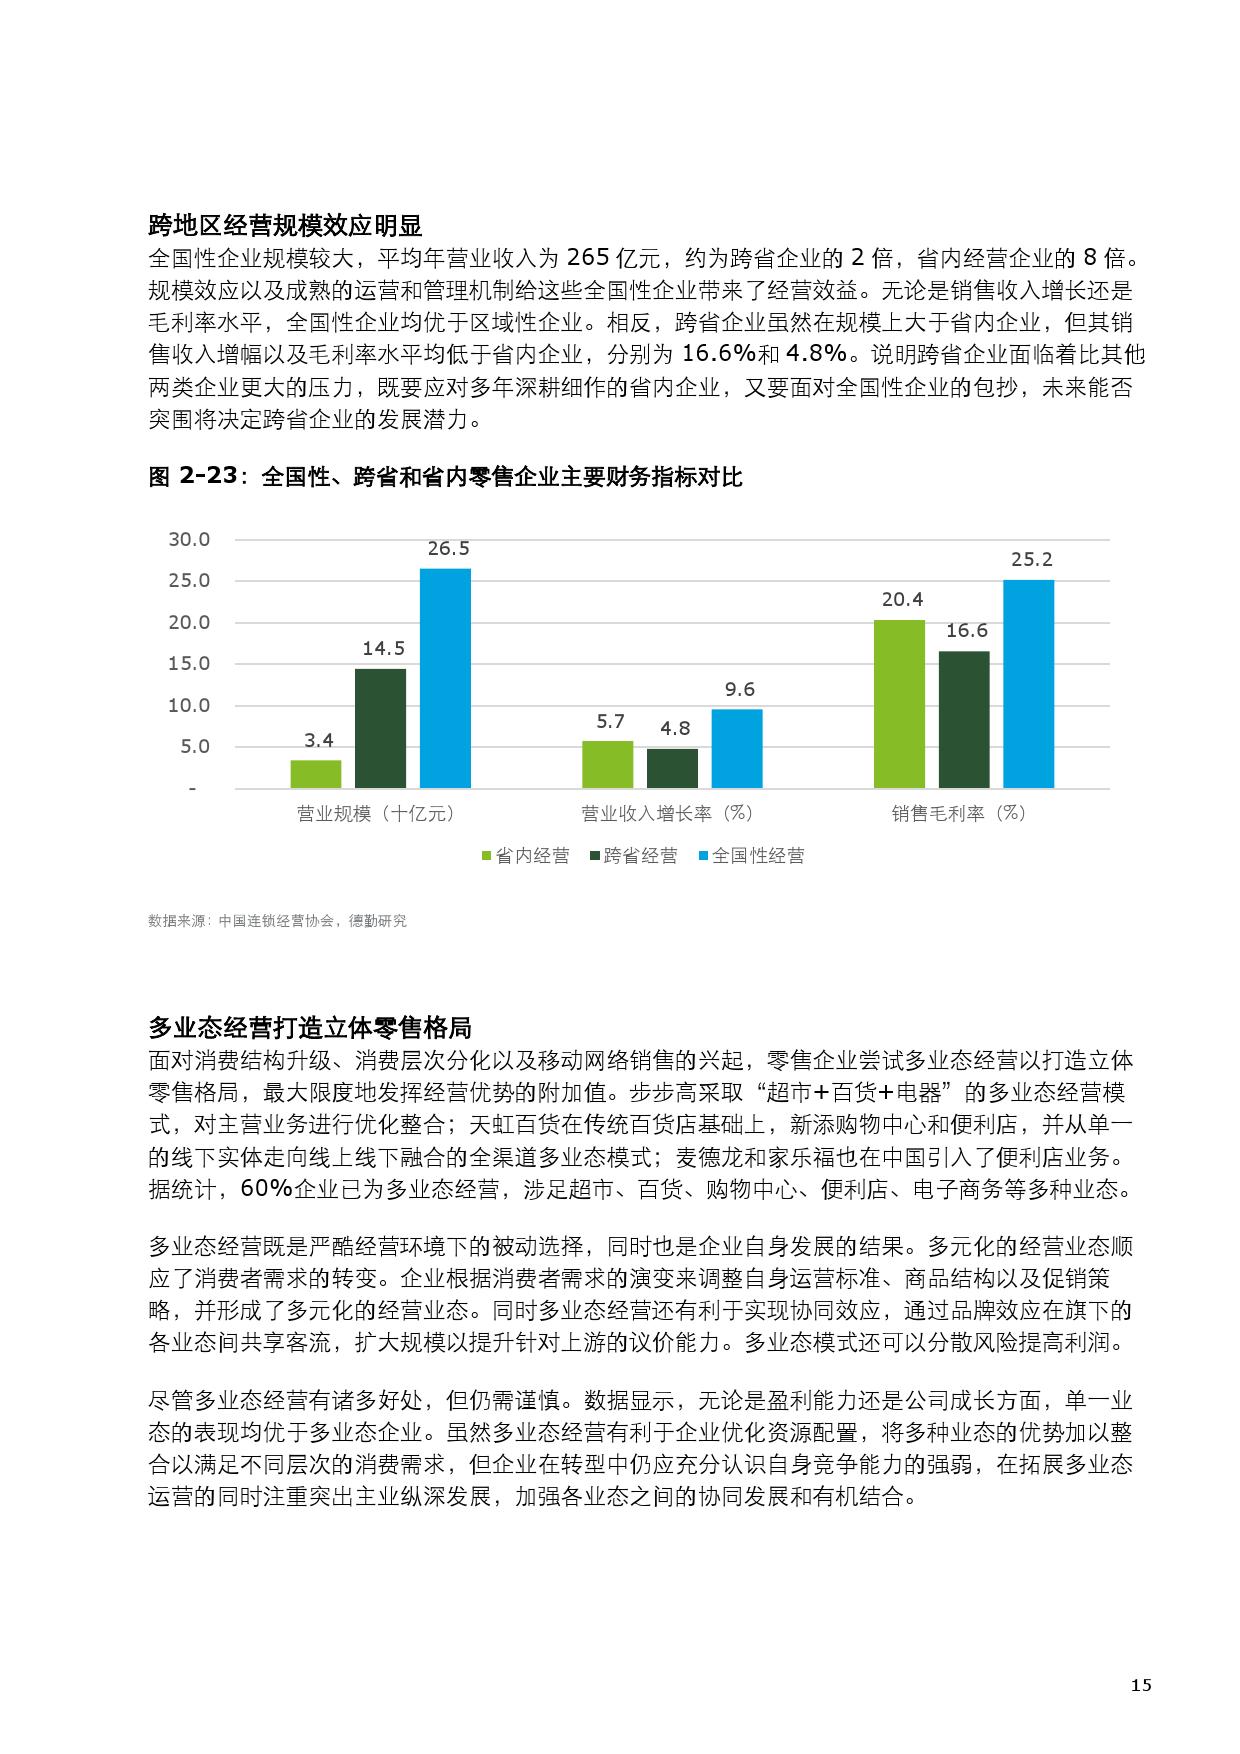 2015中国零售产业投资促进报告_000023